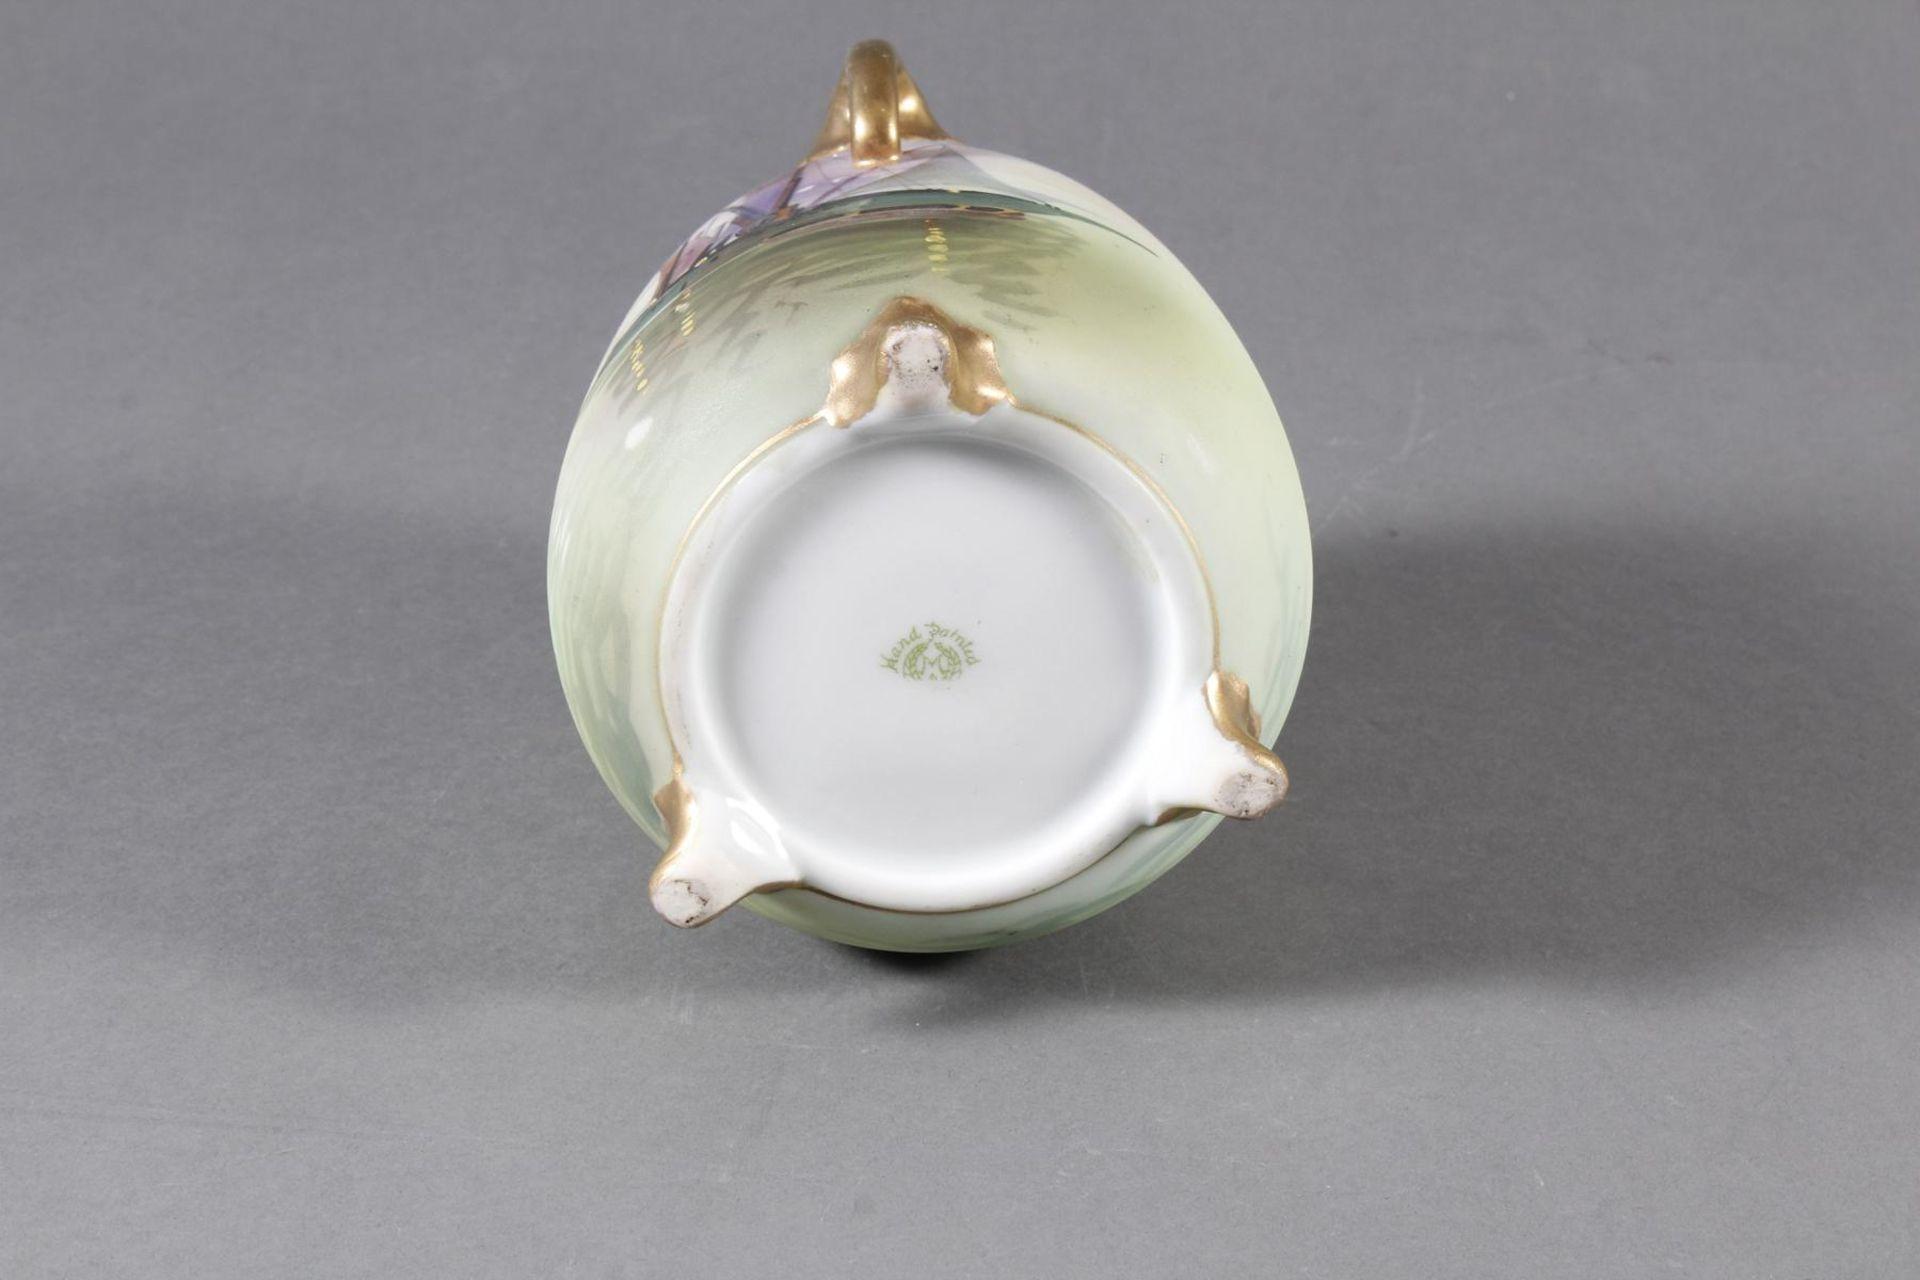 Dreihenkel-Porzellanvase, Nippon Porzellan um 1910 - Bild 8 aus 9